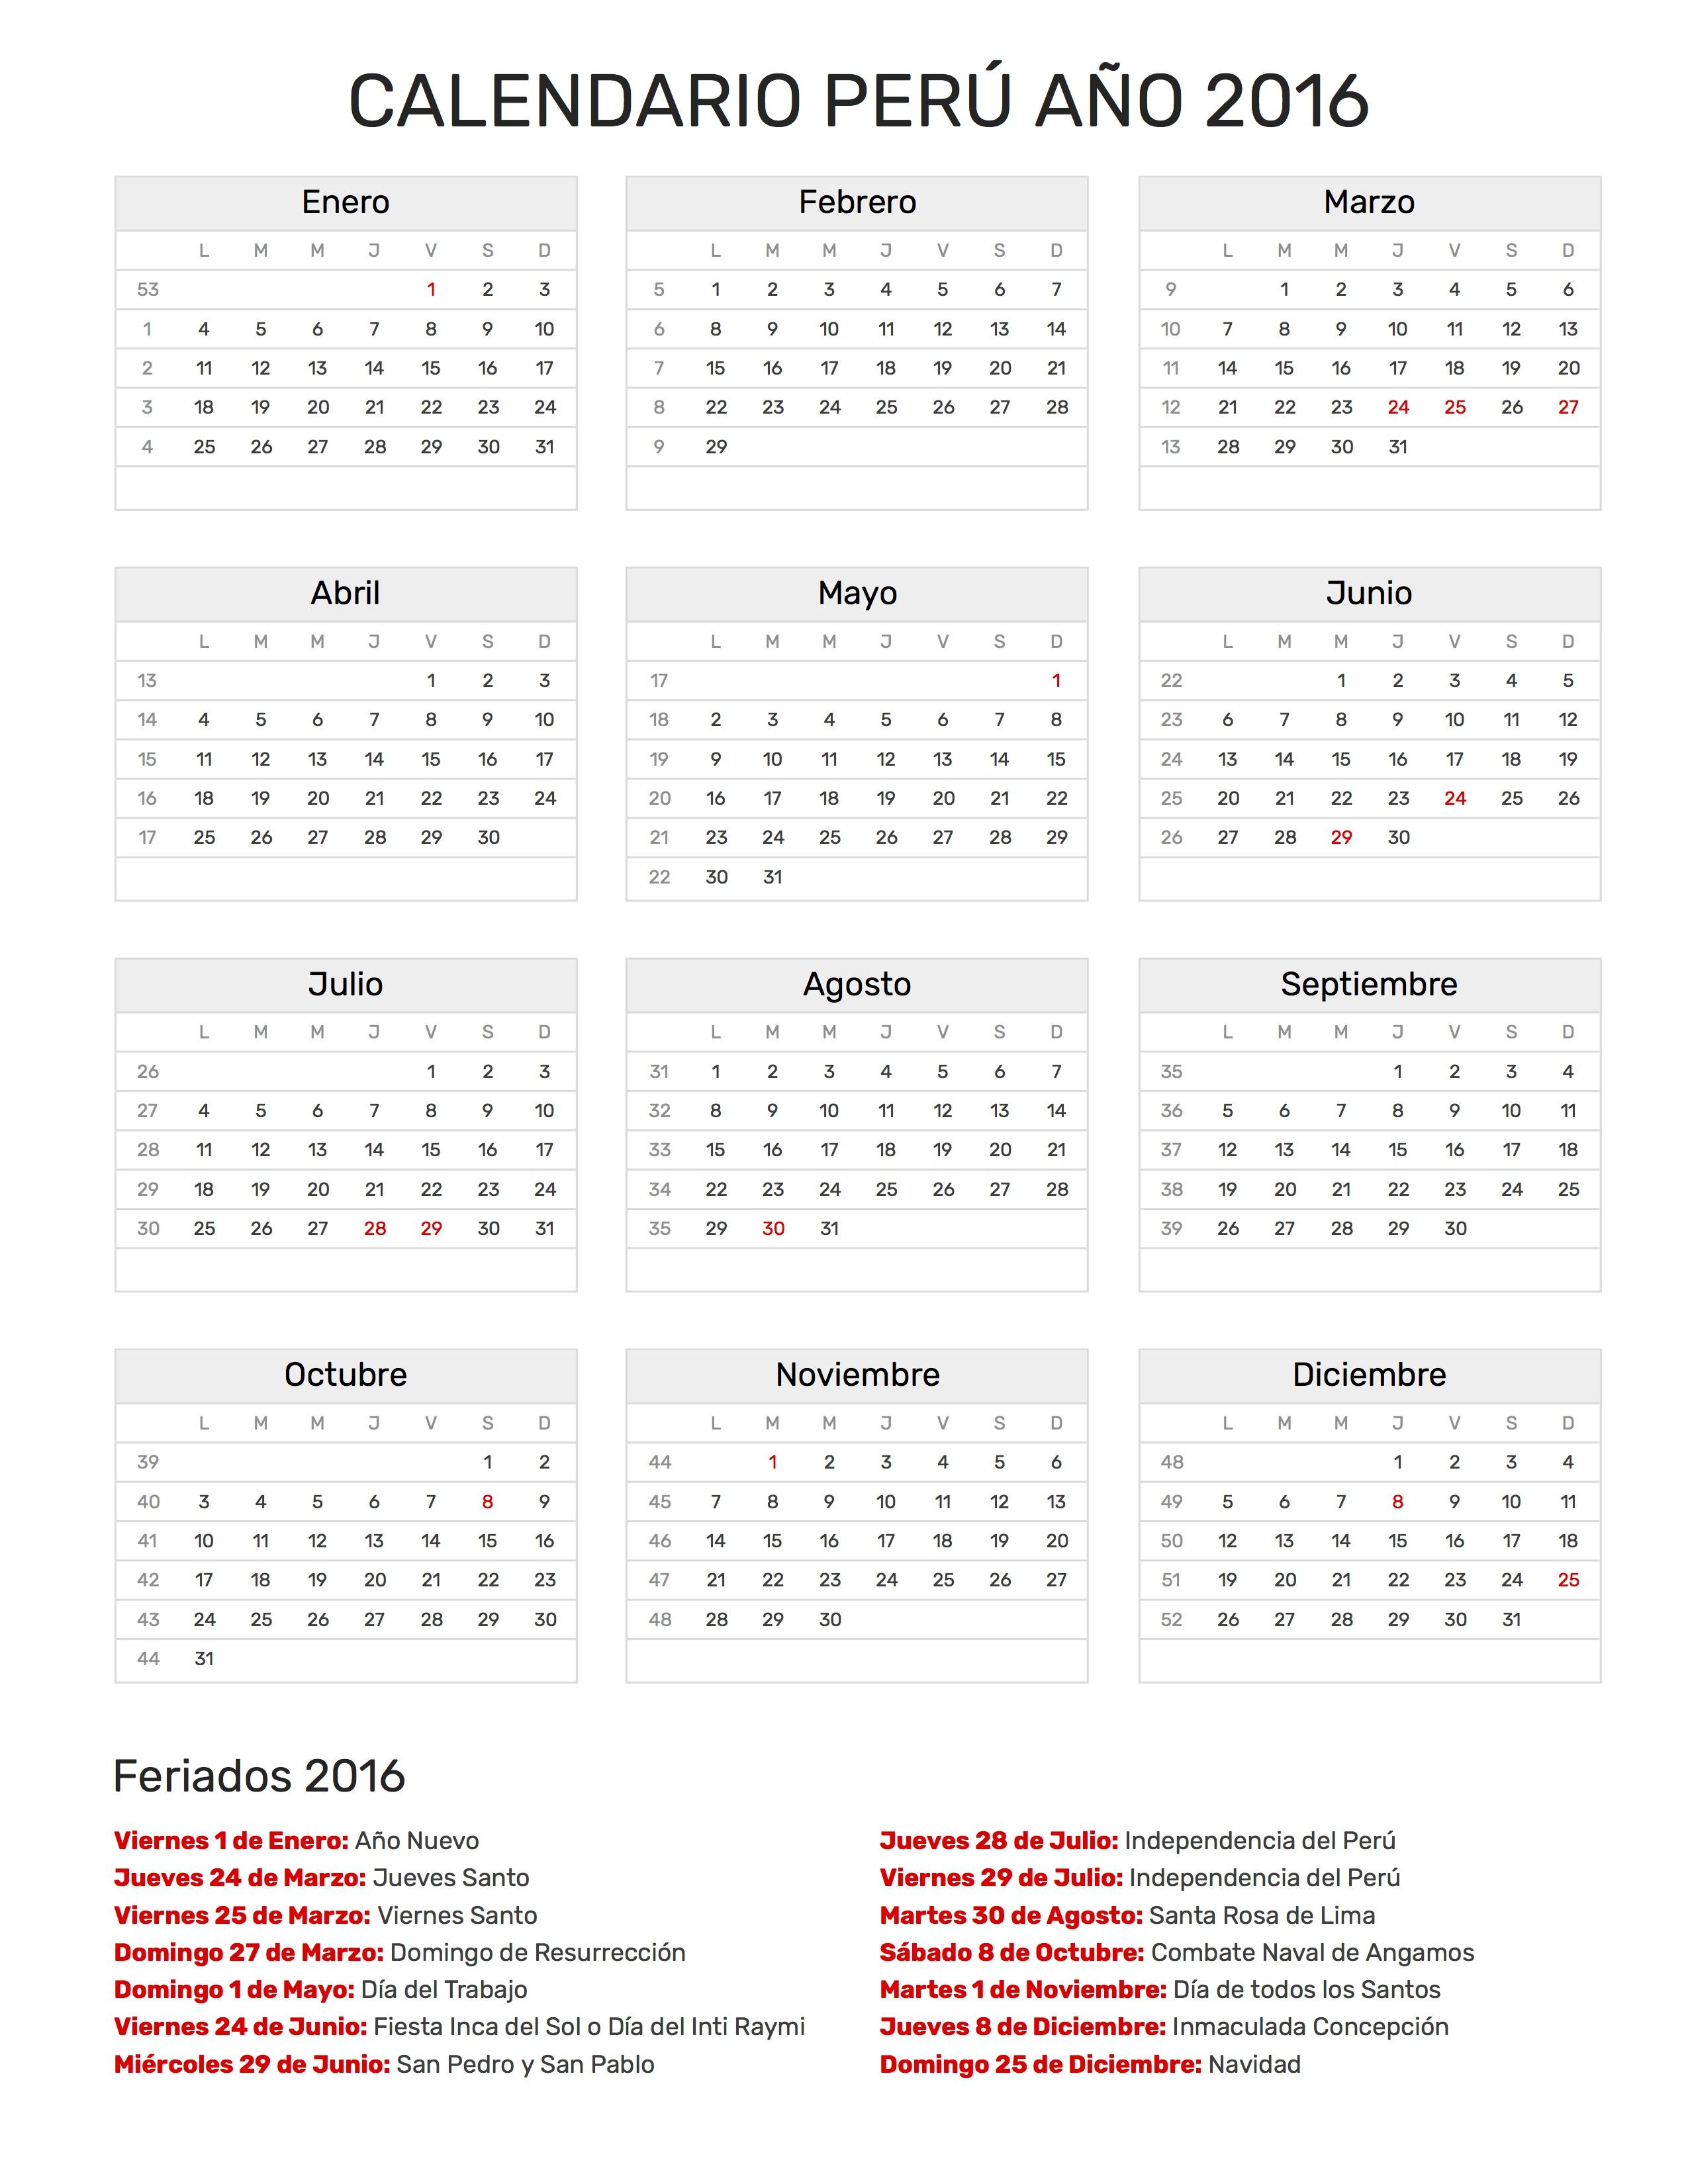 calendario per a o 2016 feriados